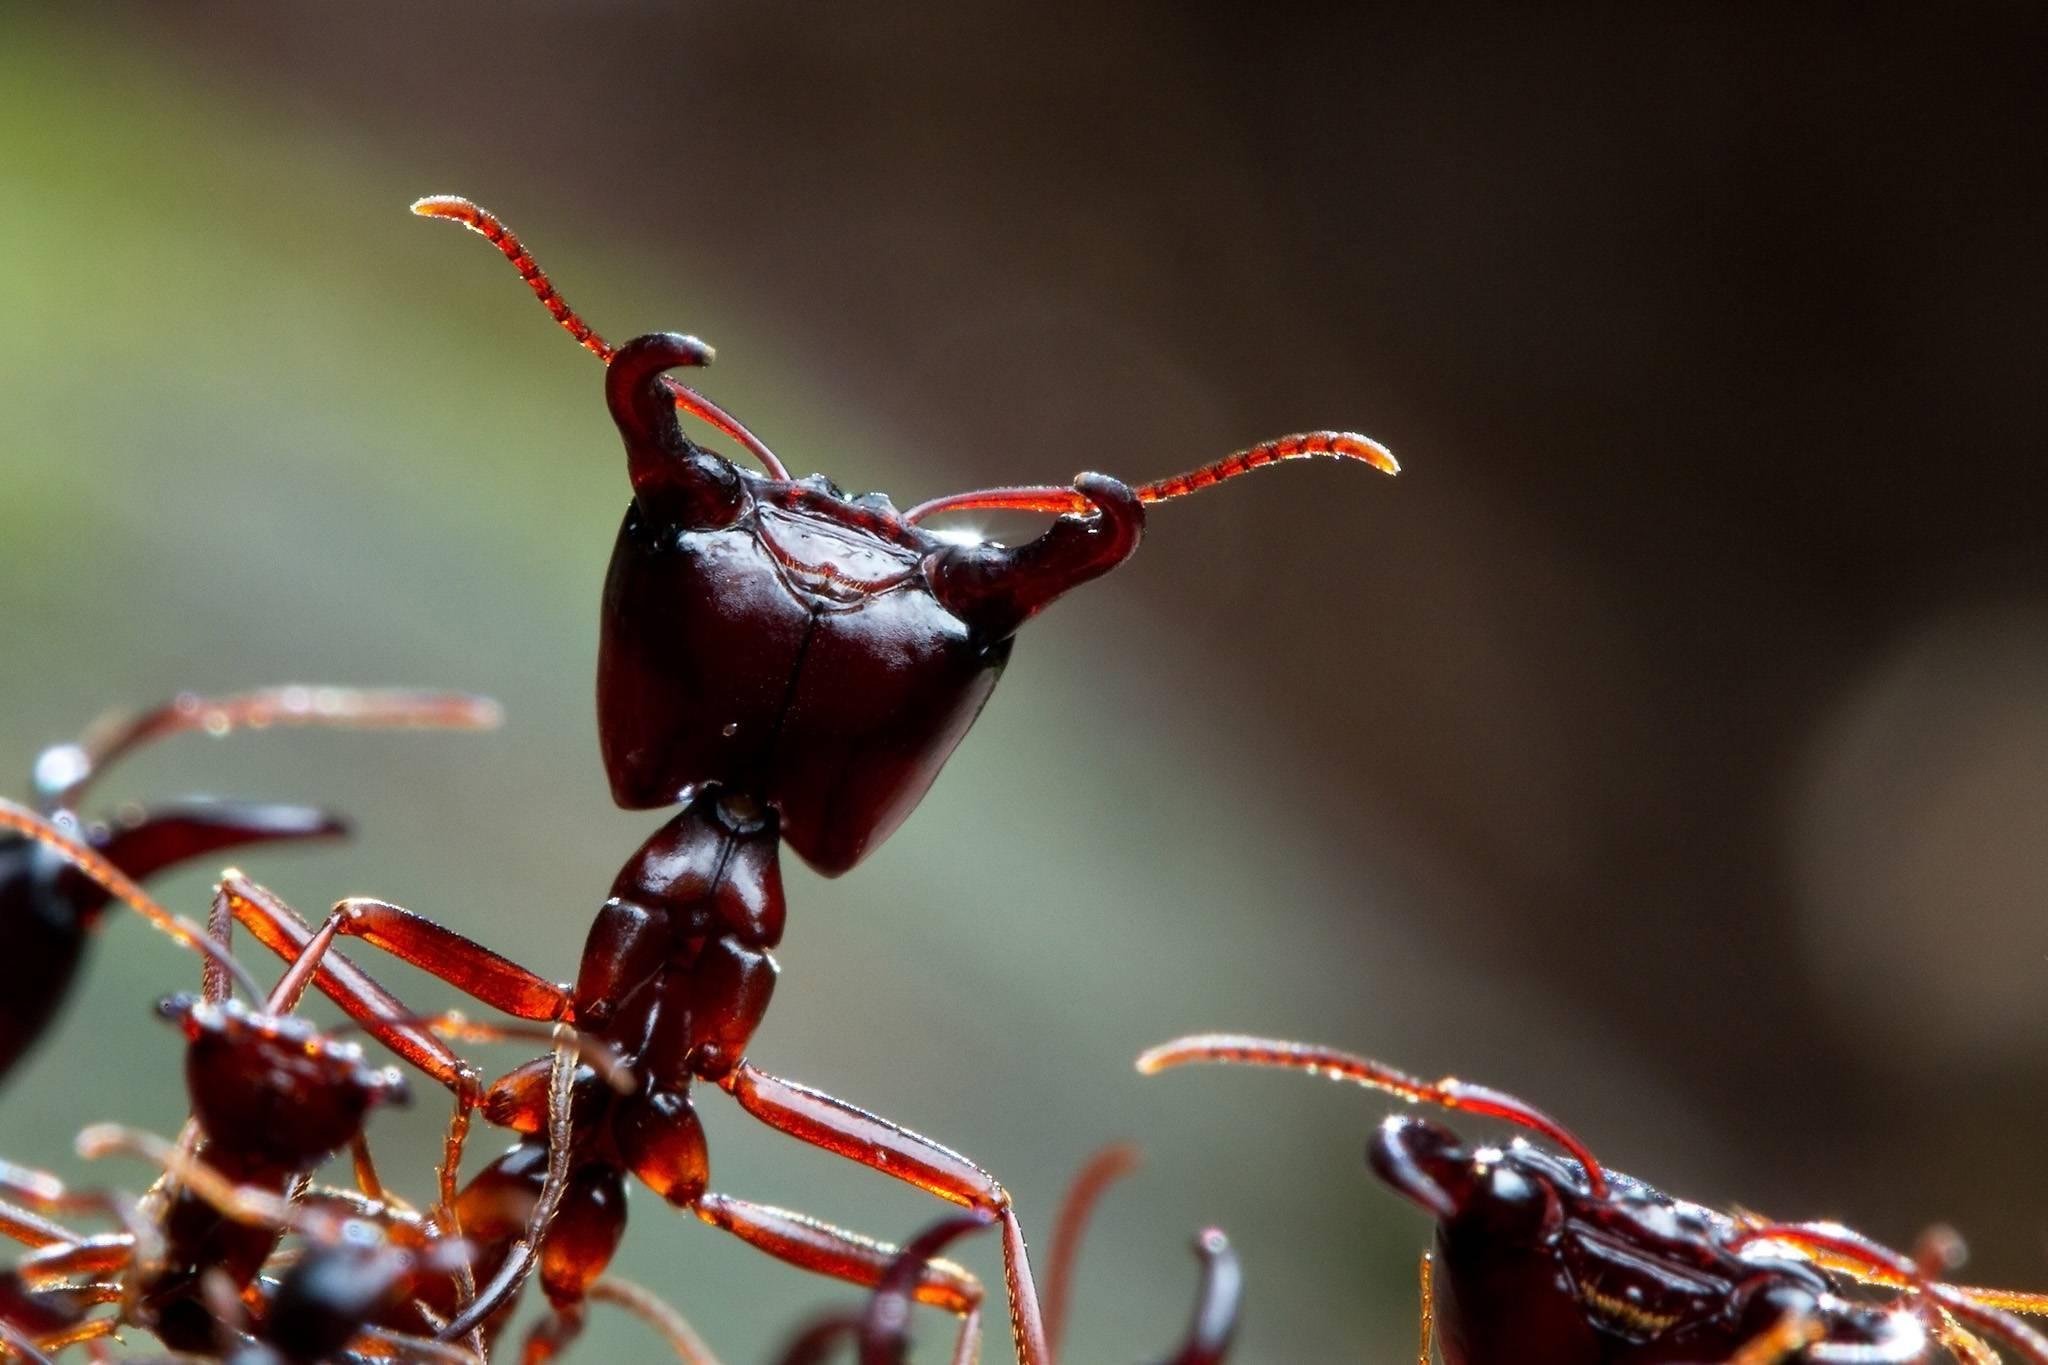 Особенности образа жизни муравьев и интересные факты о них